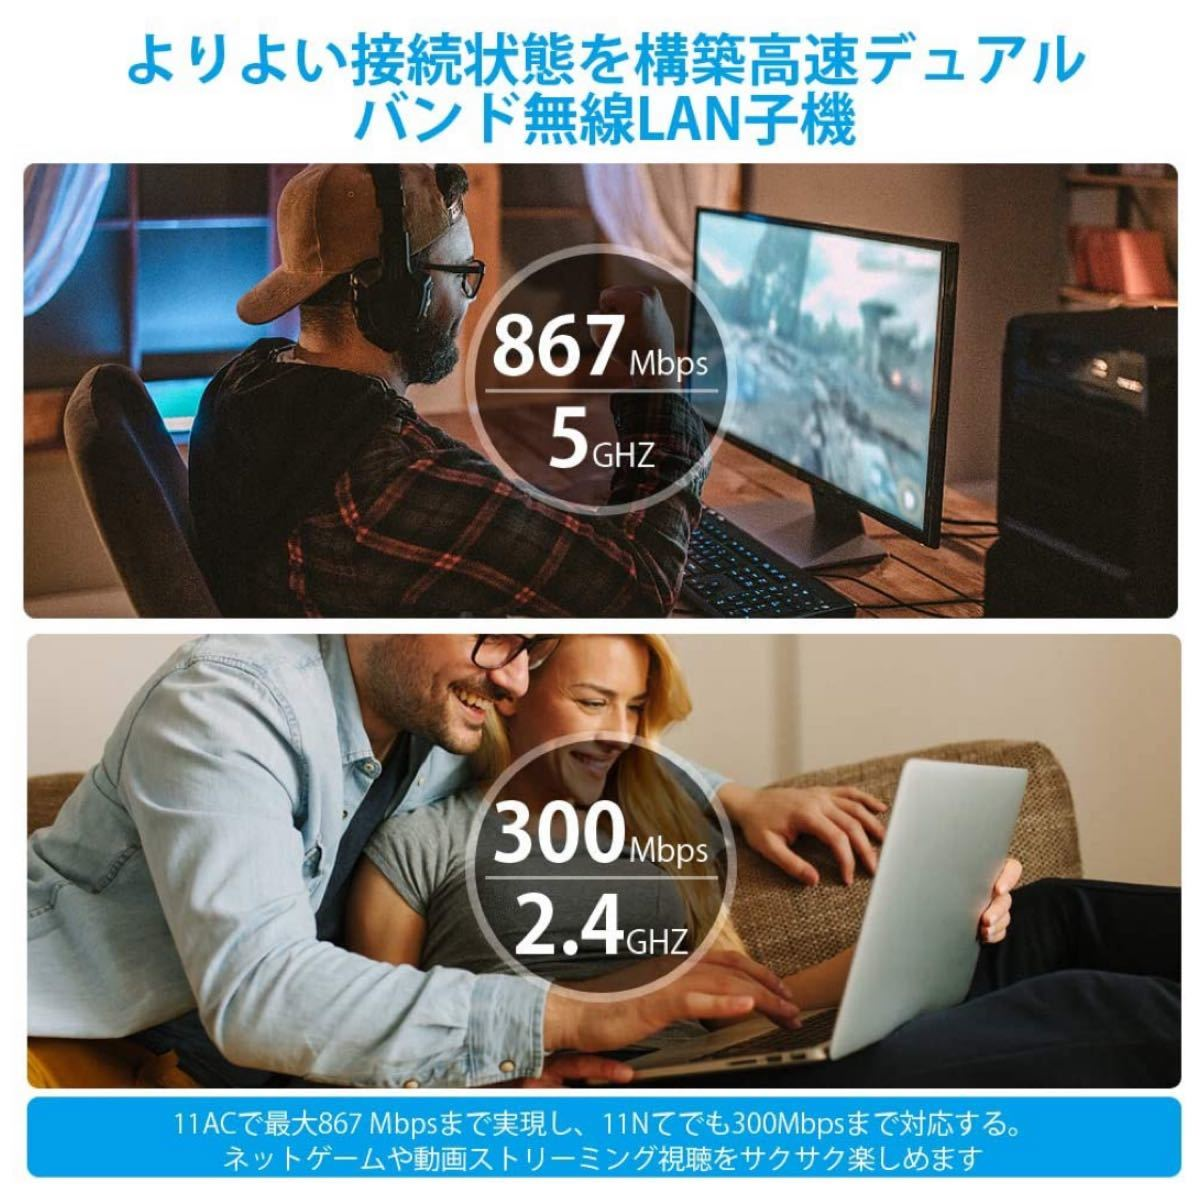 最新版WiFi 無線LAN 子機 超小型 USB3.0 1200Mbps 高速度 デュアルバンド 2.4G/5G